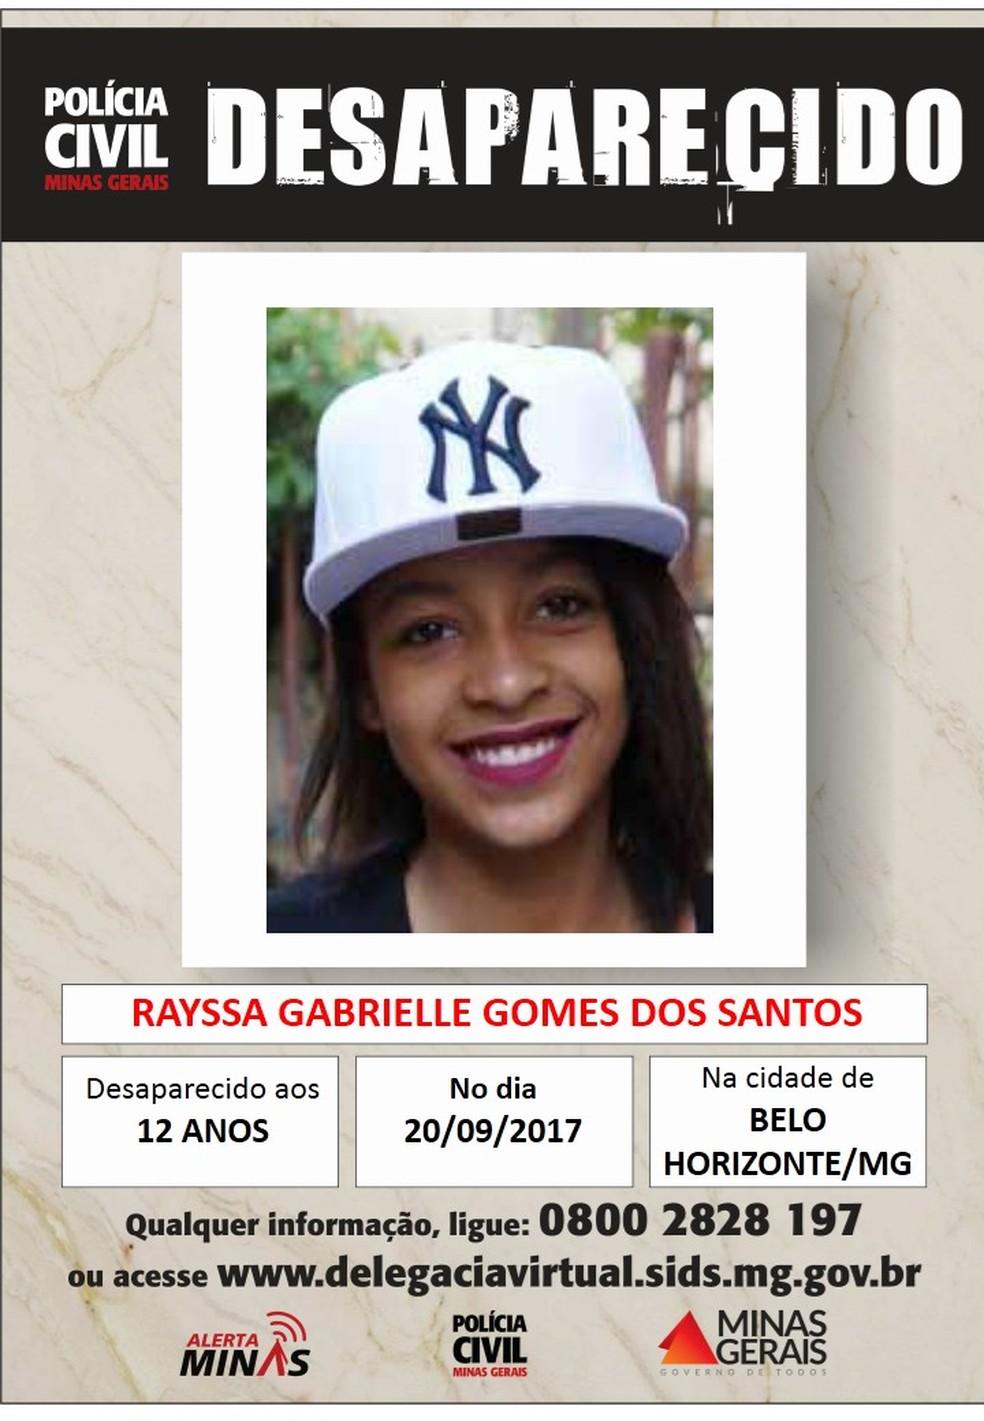 Rayssa Gabrielle Gomes dos Santos, de 12 anos (Foto: Polícia Civil/Divulgação)